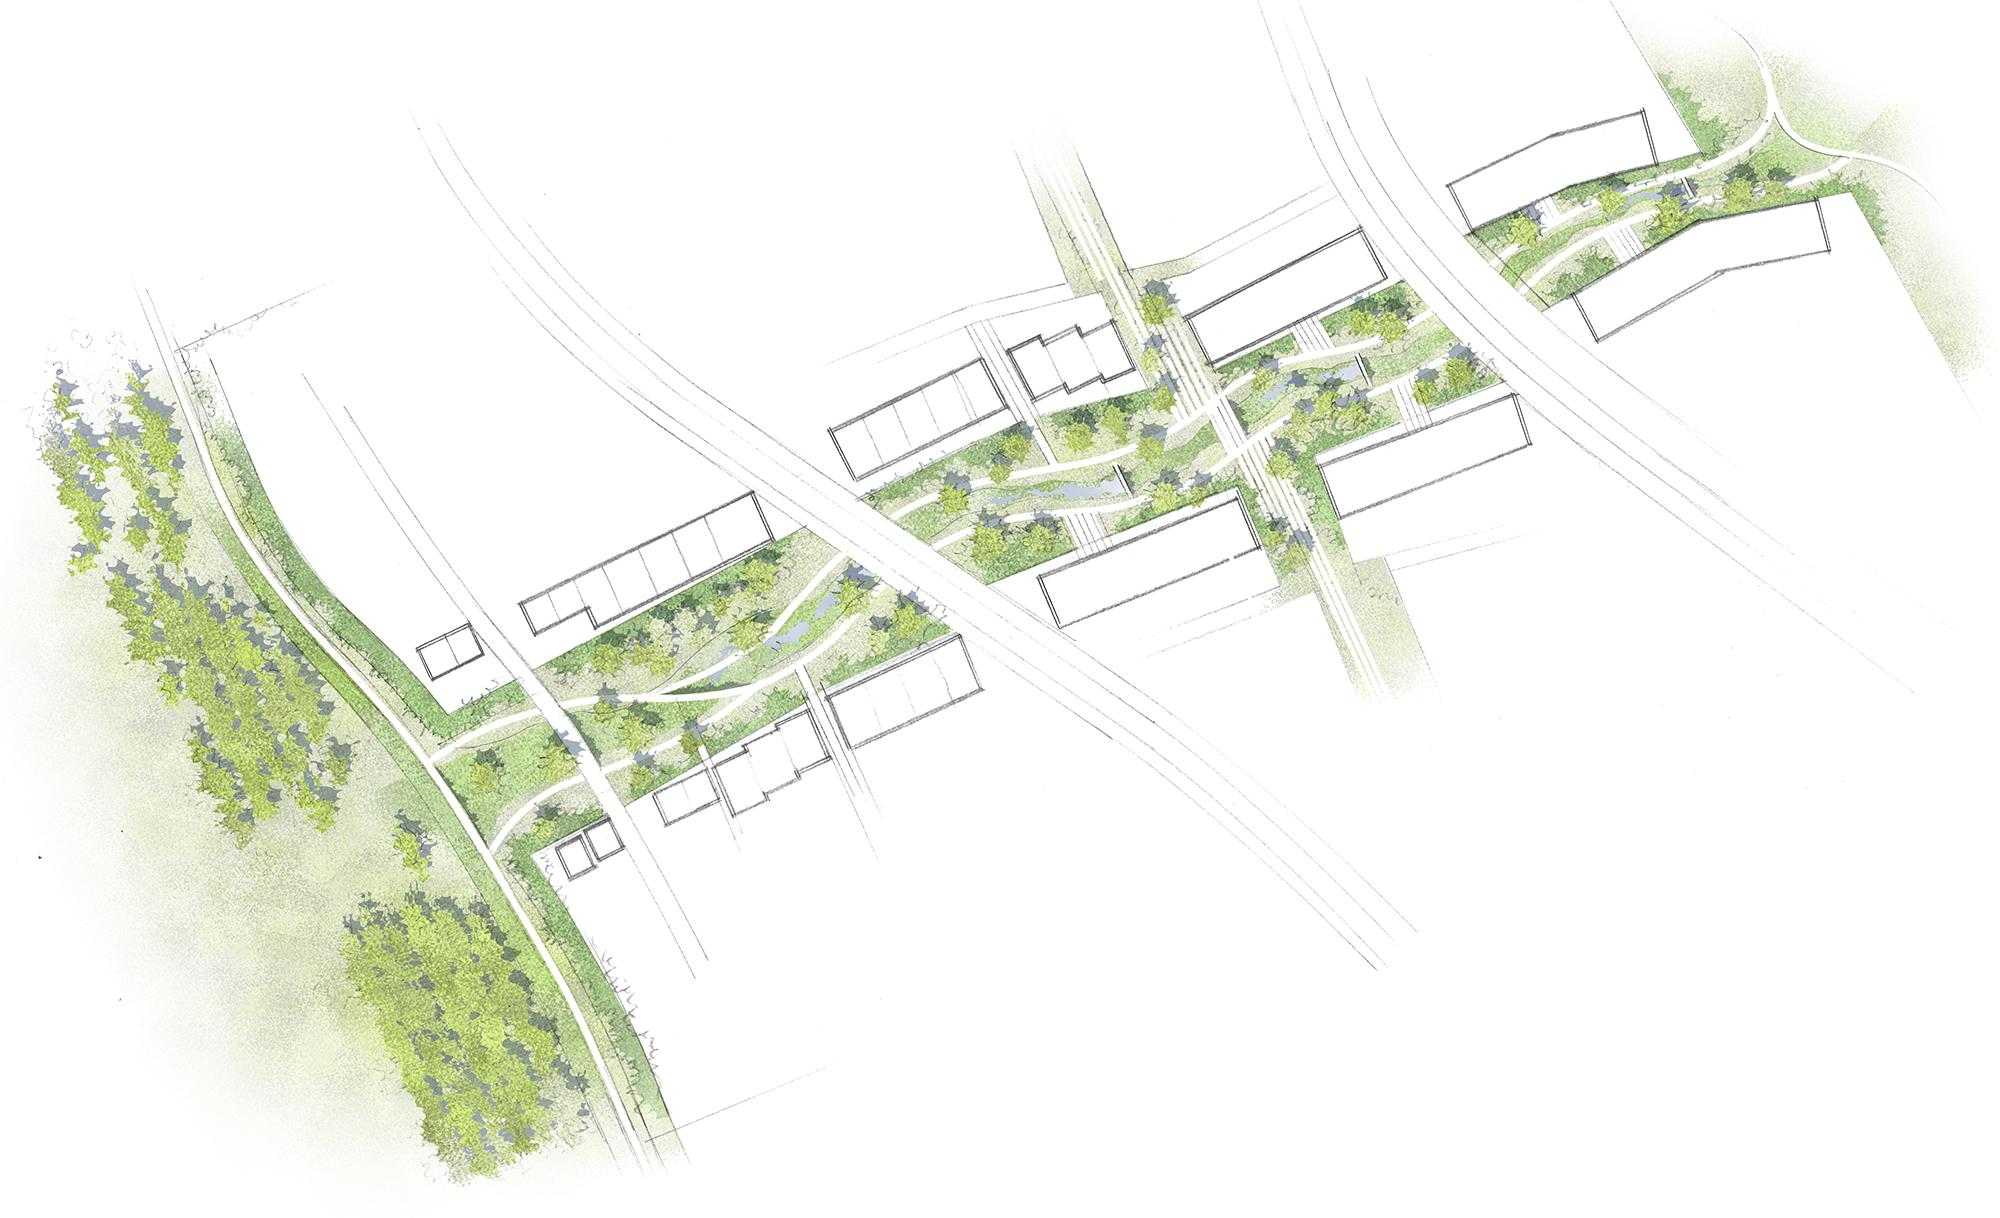 L'allée centrale et la frange péri-urbaine